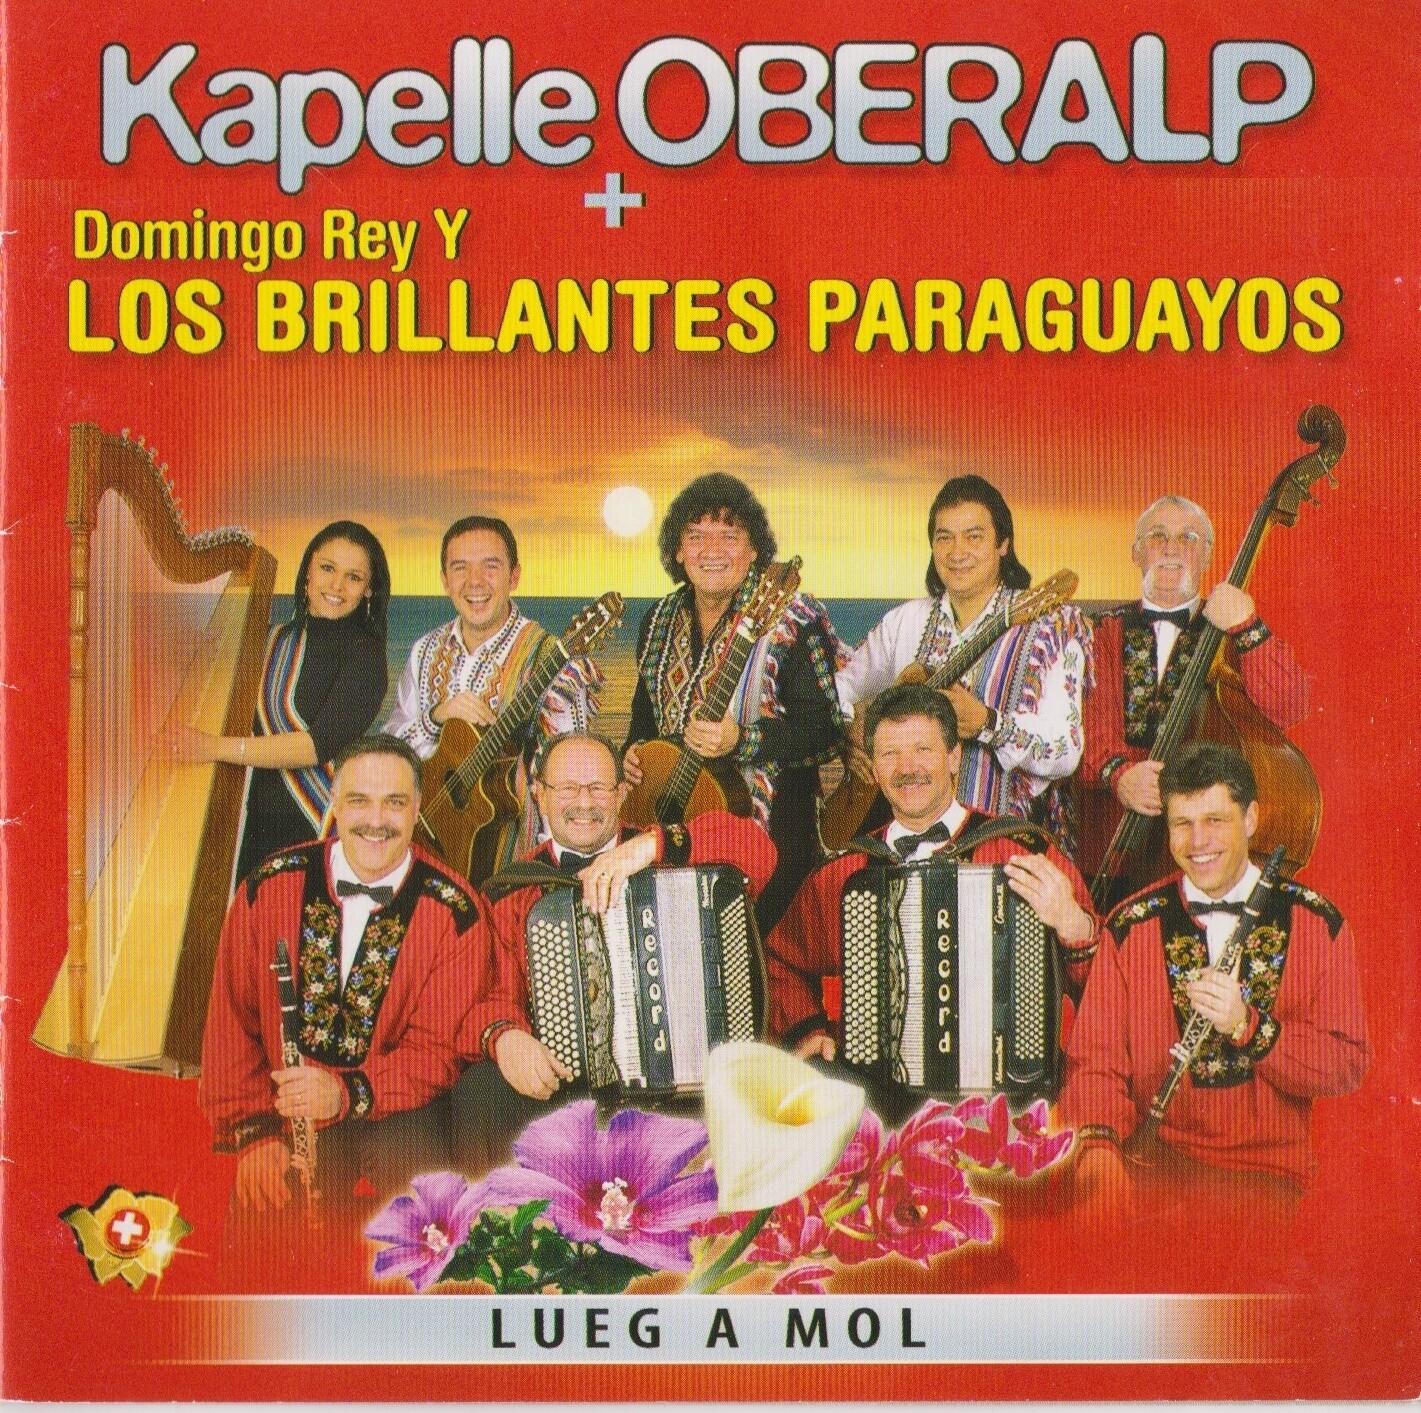 LUEG  A MOL  Domingo Rey Los Brillantes Paraguayos